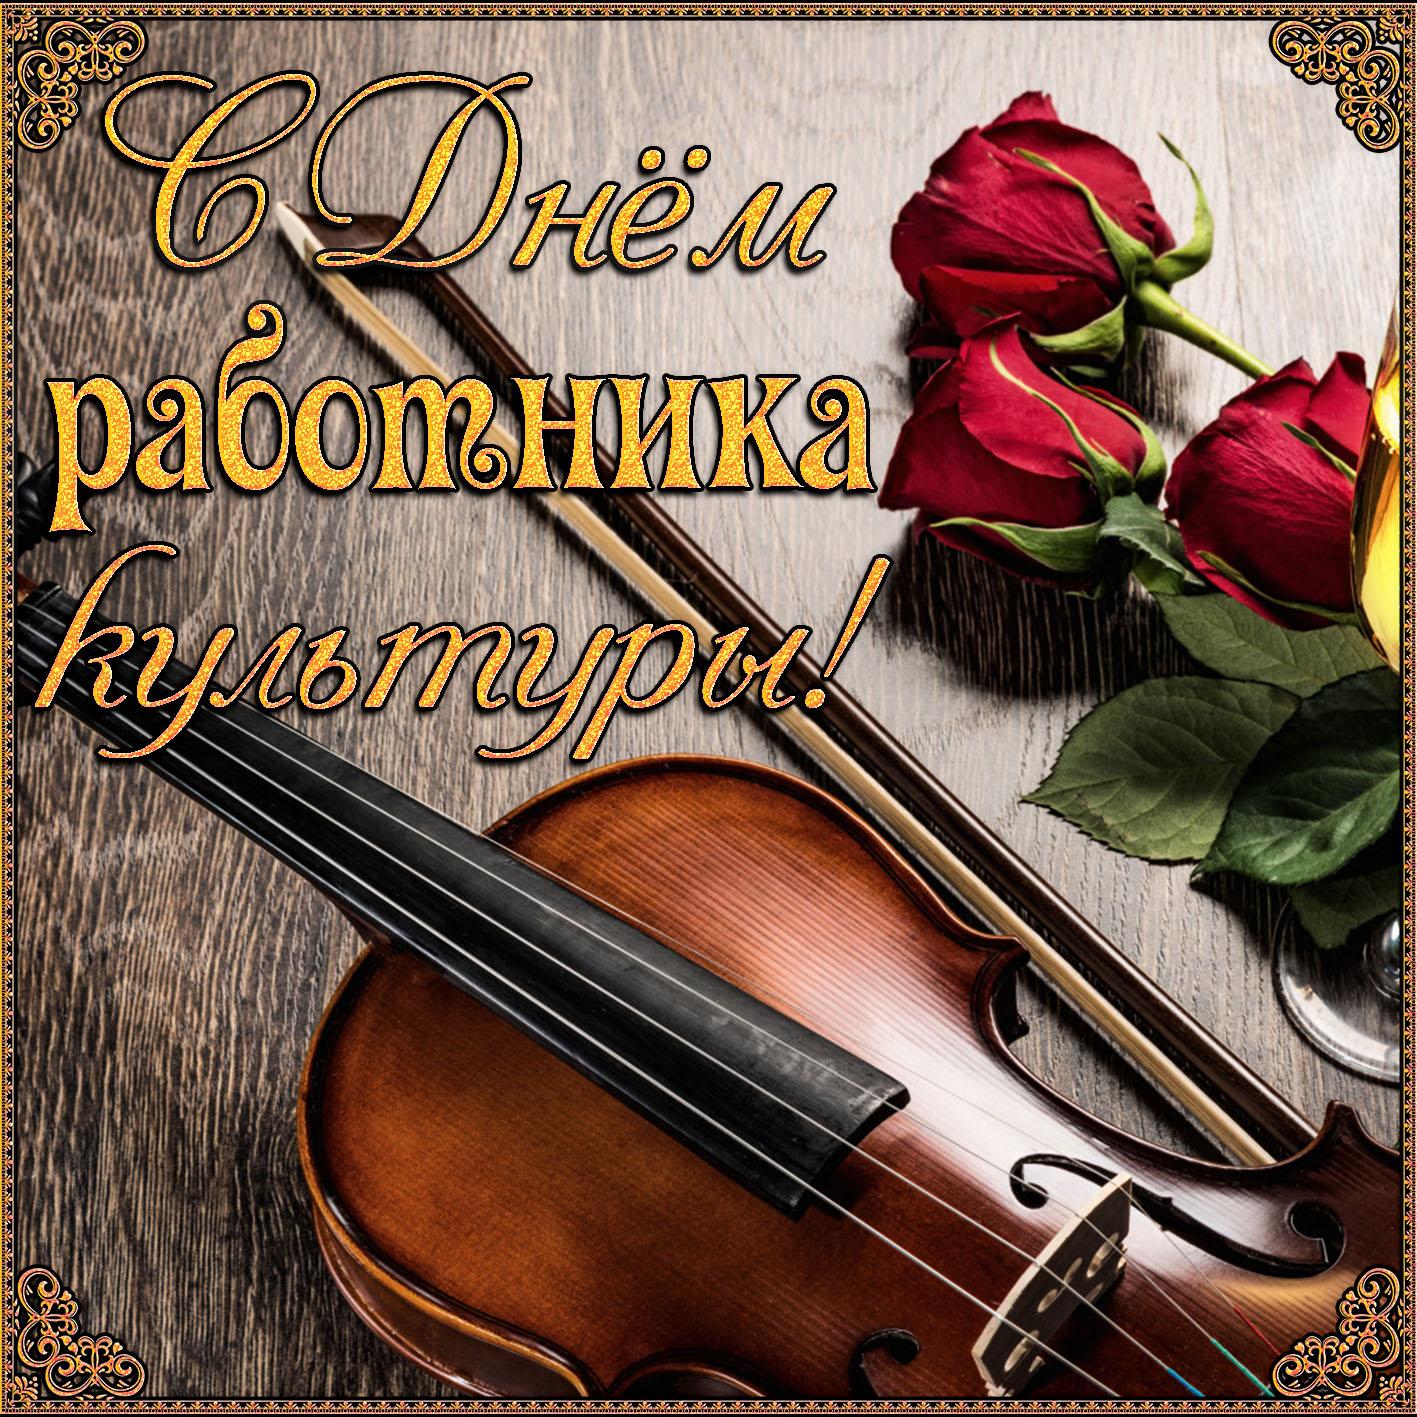 Открытка с розами к Дню работника культуры